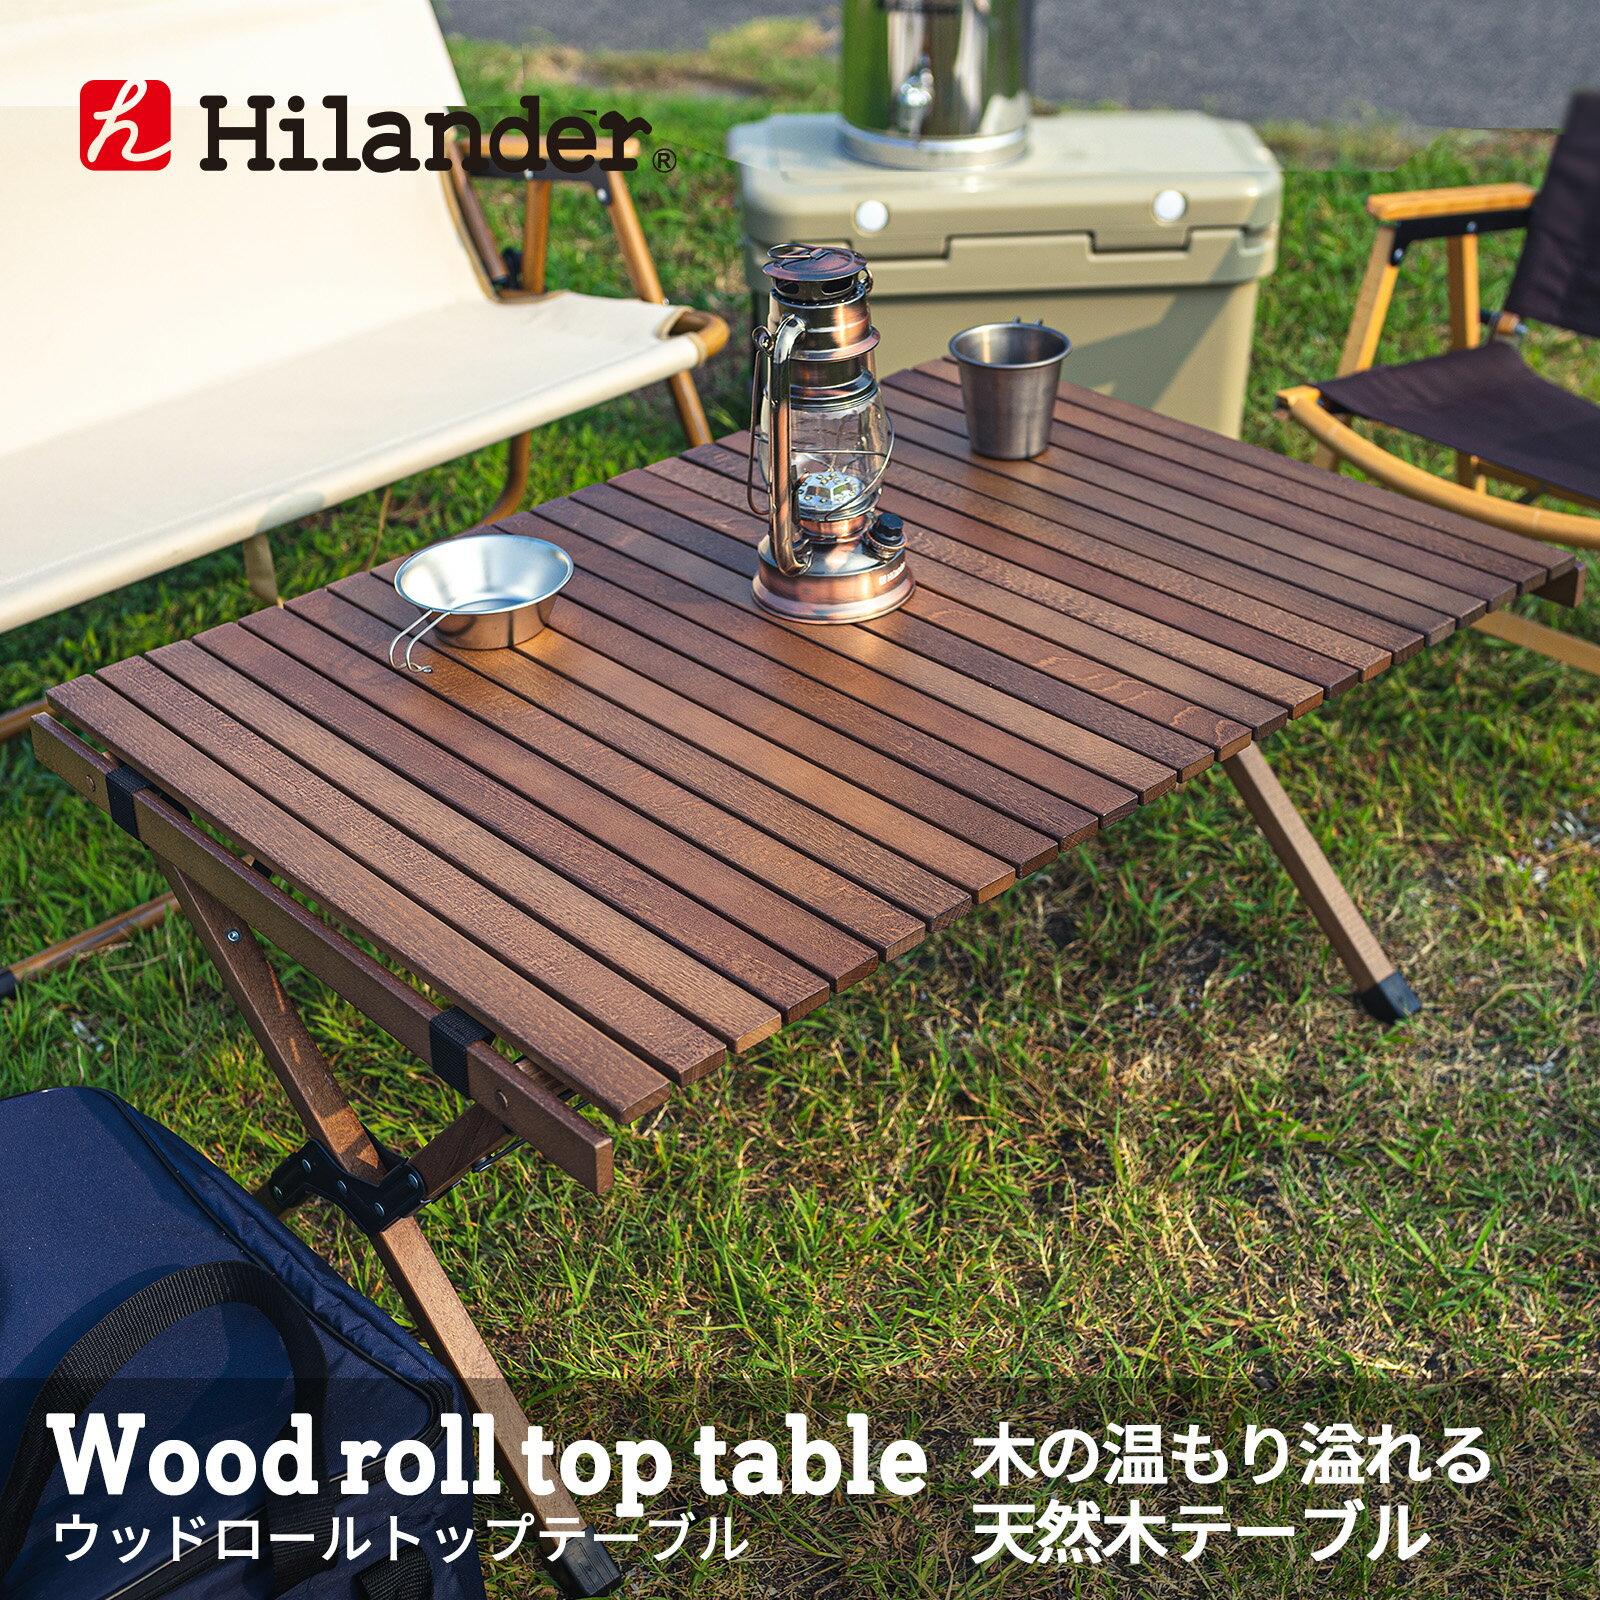 ハイランダー ウッドロールトップテーブル